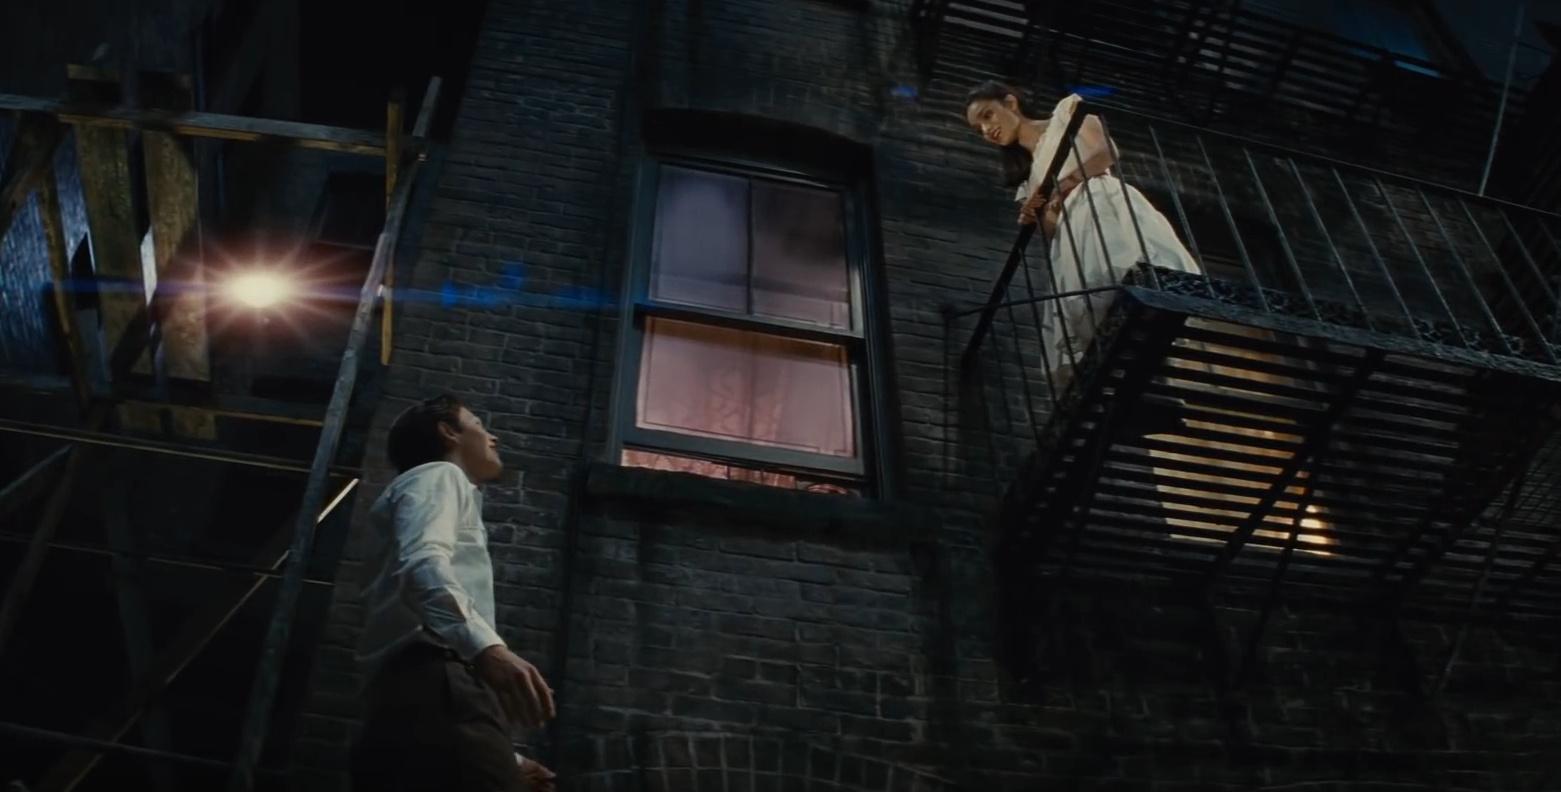 Танцы, пушки, копы — в первом трейлере «Вестсайдской истории» Стивена Спилберга